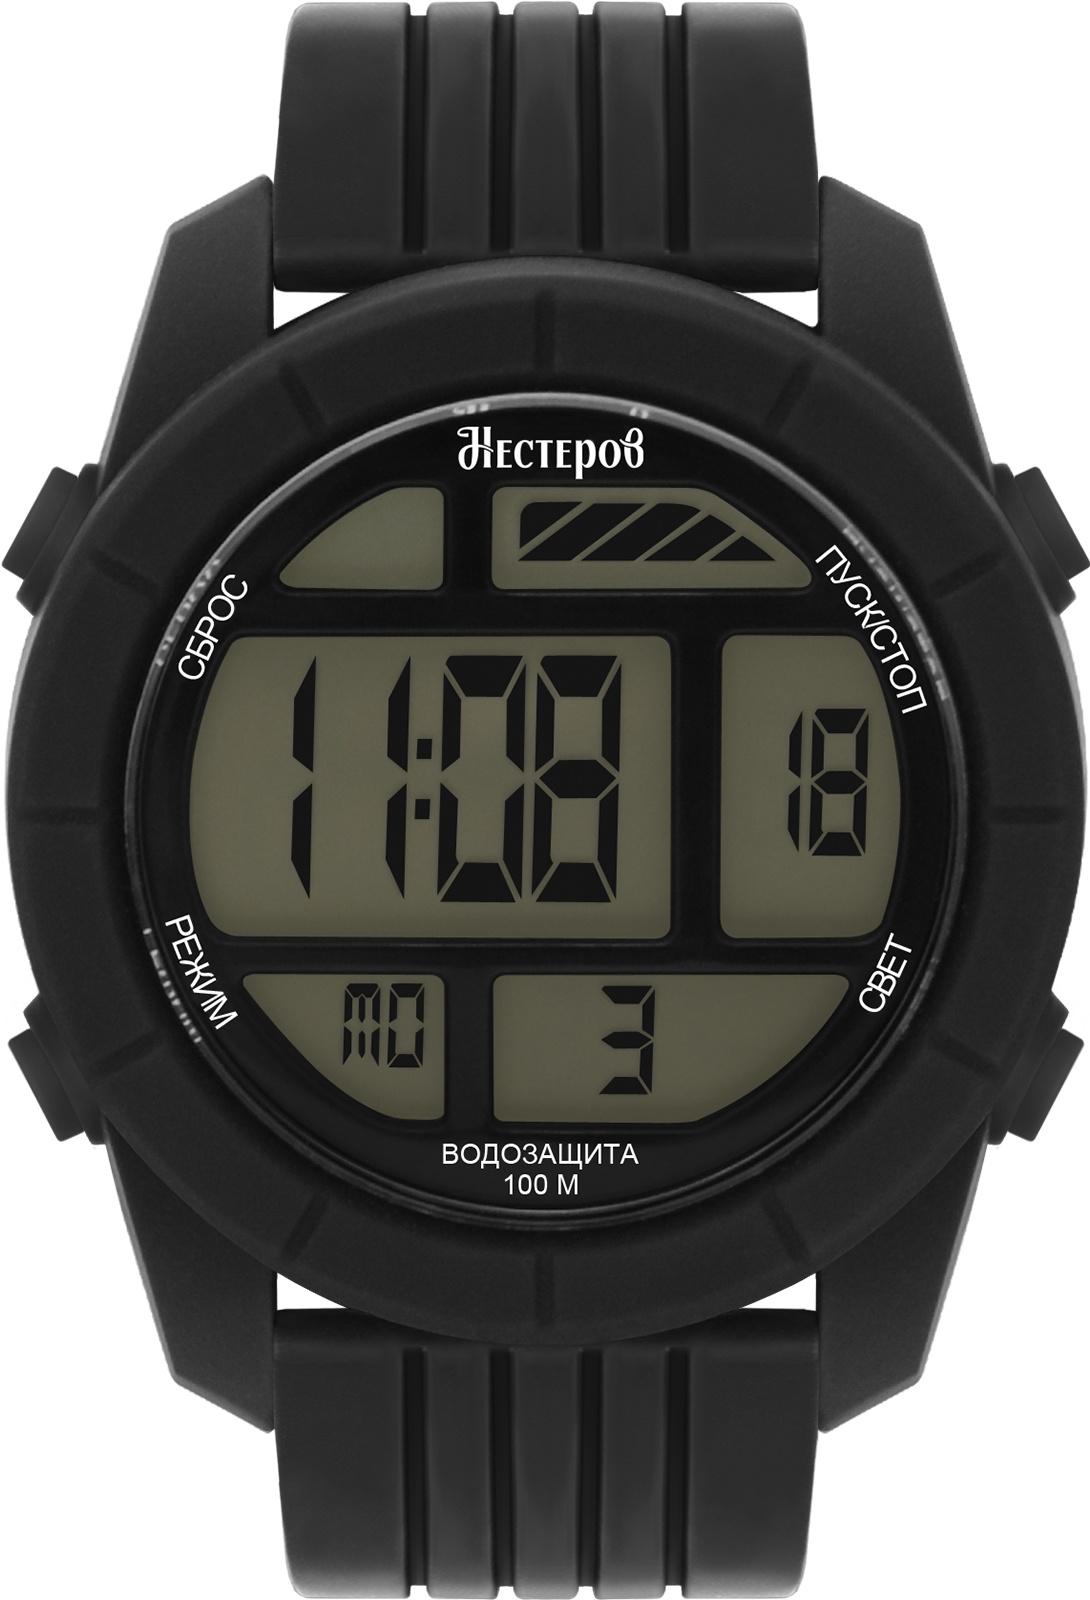 Часы Нестеров H2578A38-15E, черный все цены